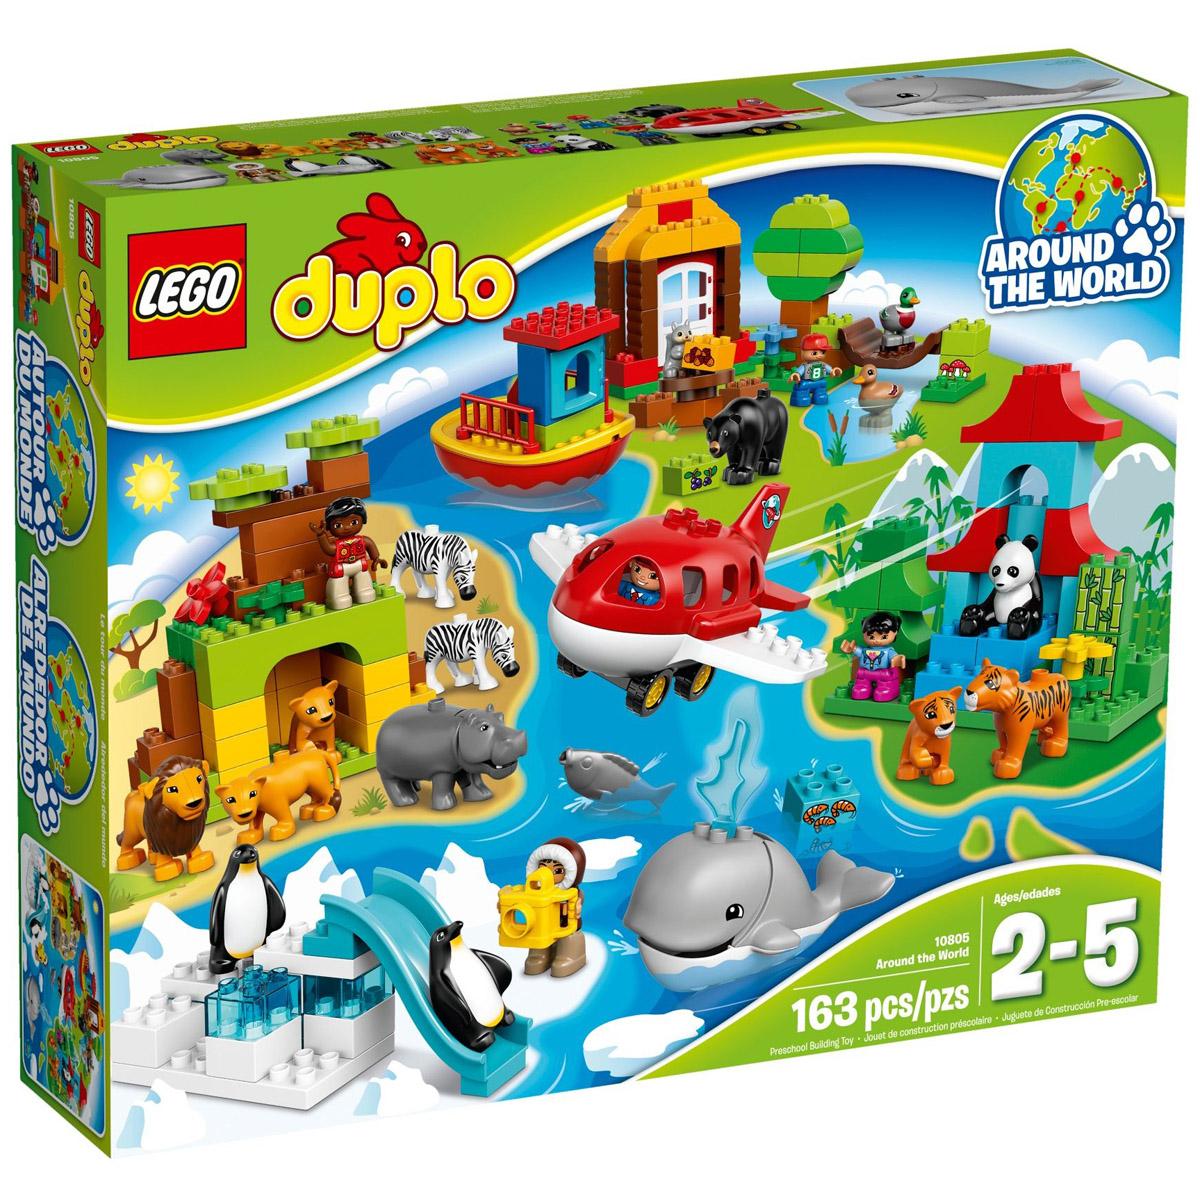 Конструктор LEGO Duplo 10805 Вокруг света В мире животных<br>